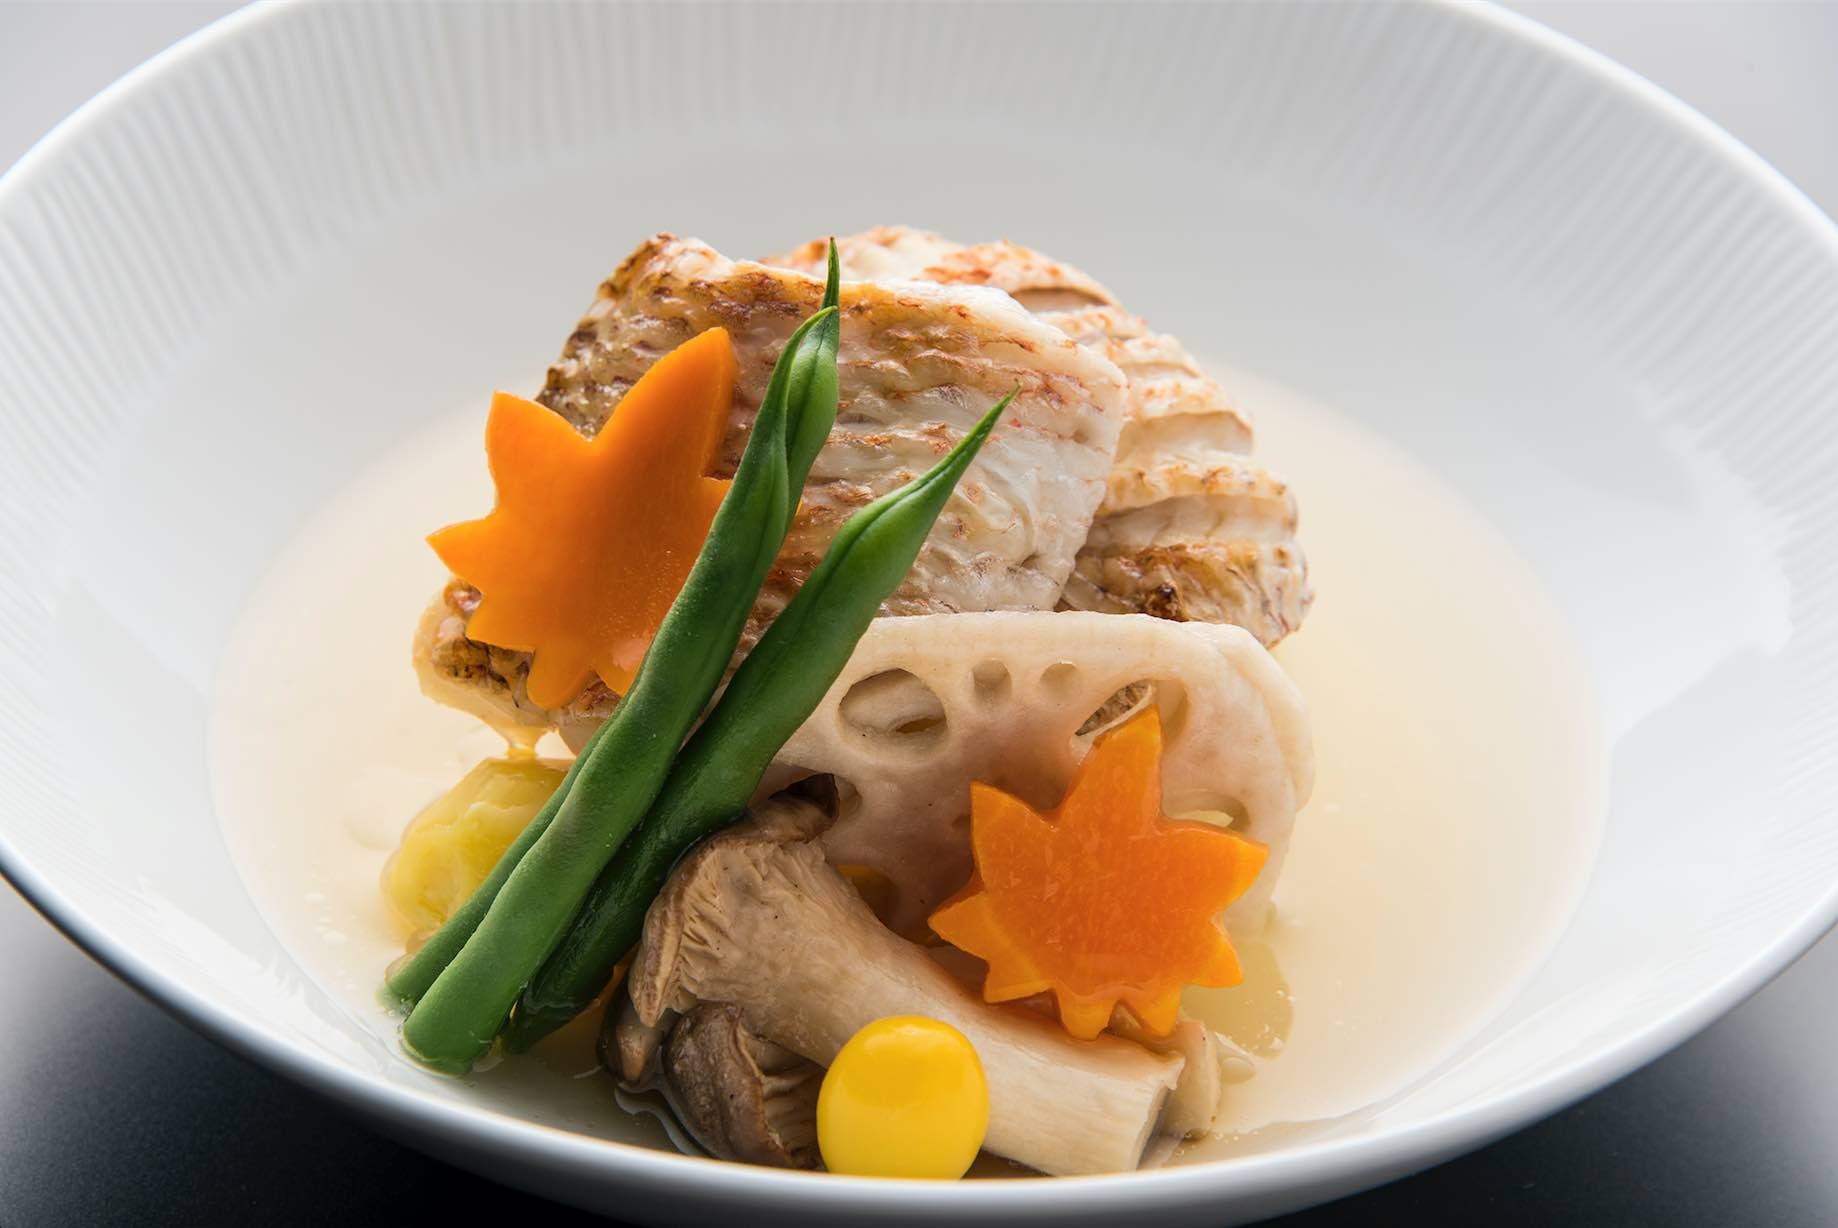 musashi-wheat-fed-pork-loin-saitama-prefecture-japan-aspirantsg